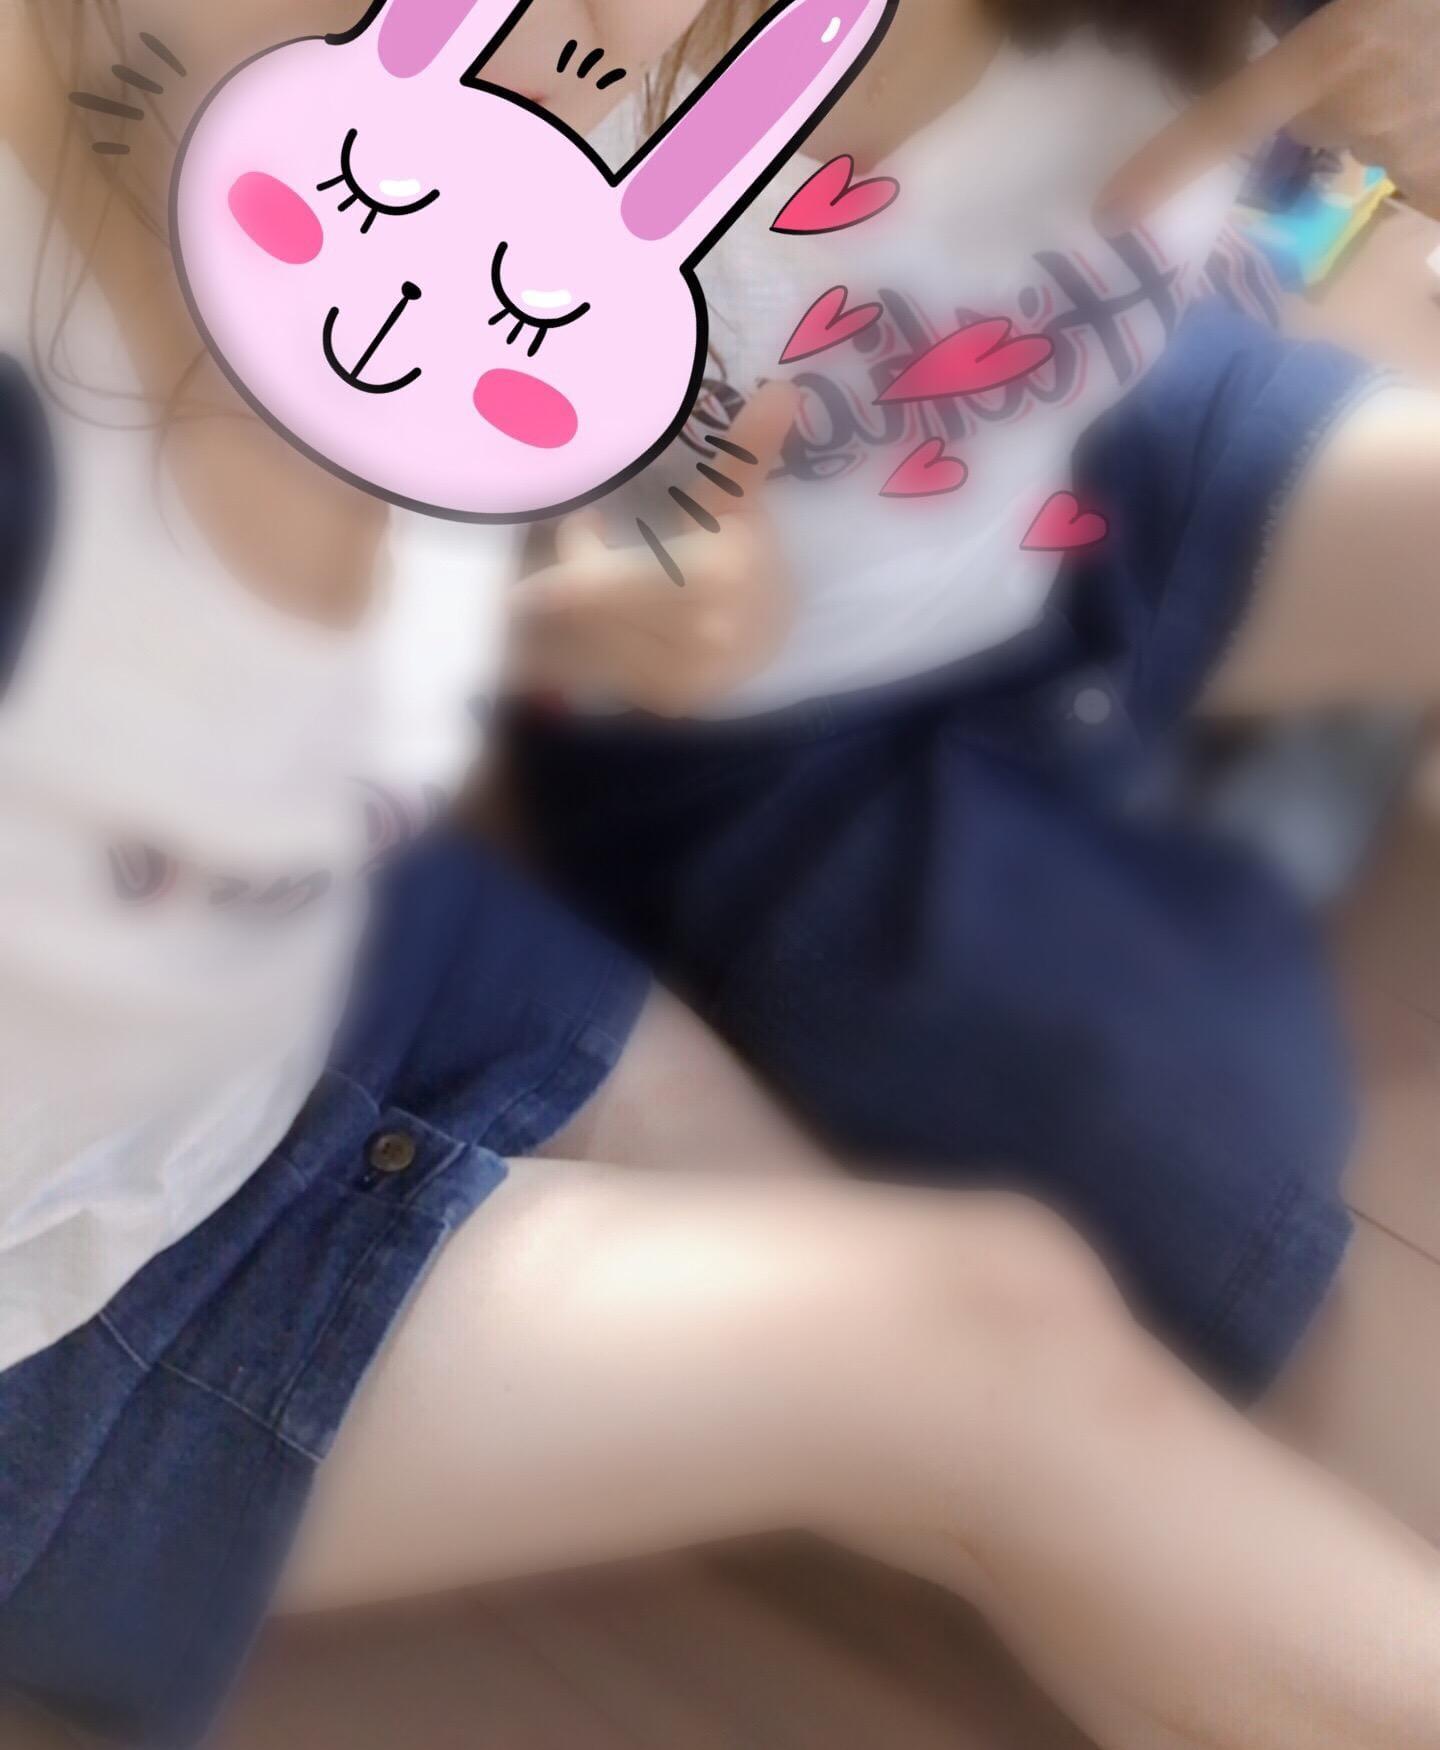 「出勤しま~す!」08/19(日) 12:04 | ここなの写メ・風俗動画